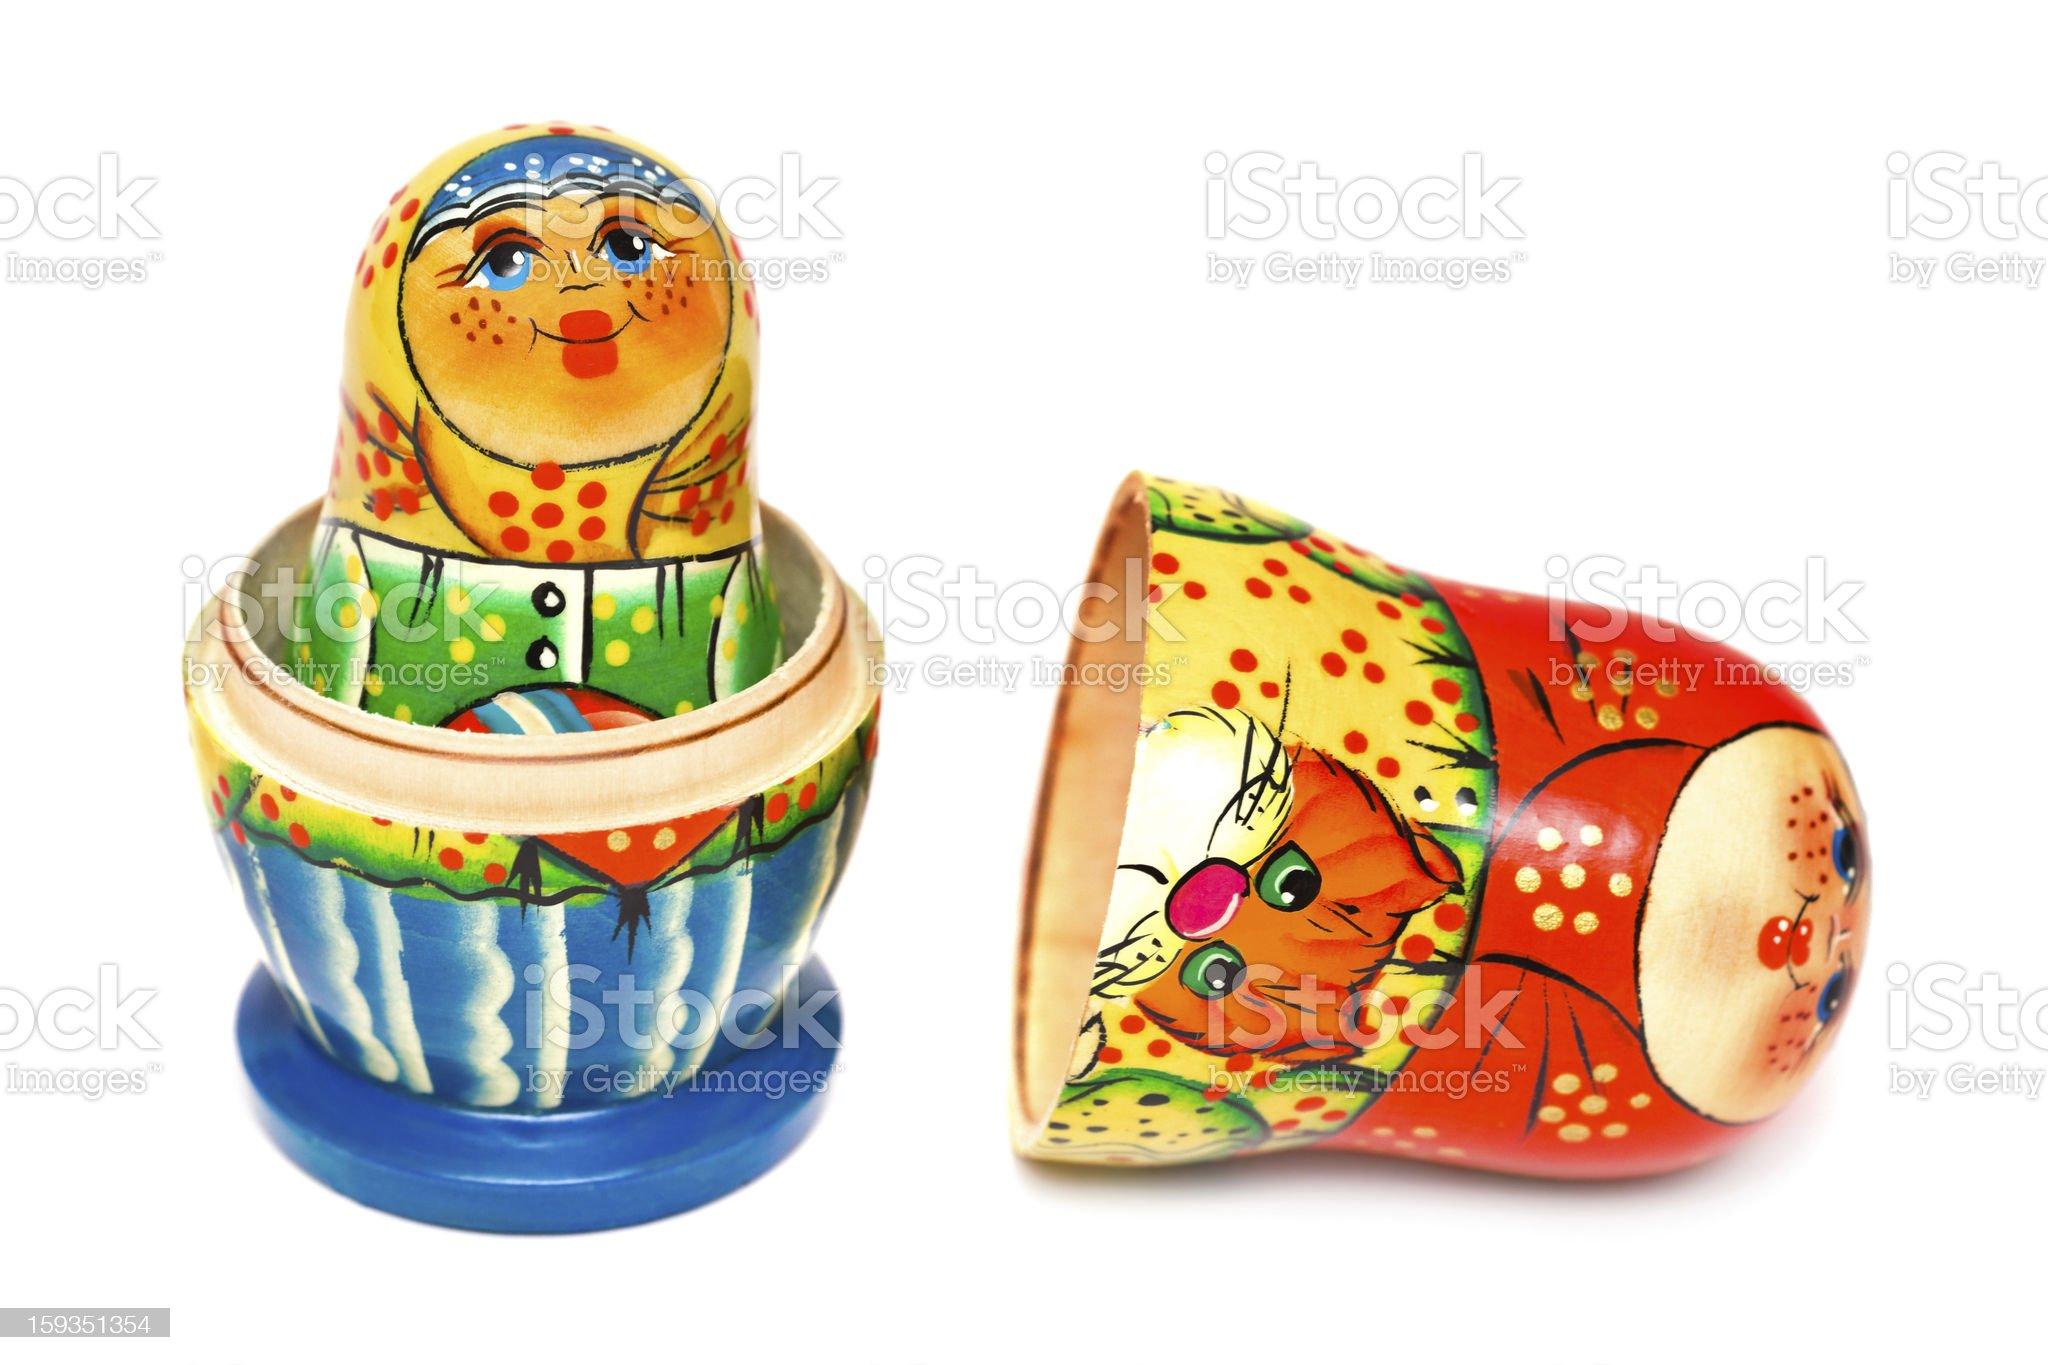 Russian toy matrioska royalty-free stock photo